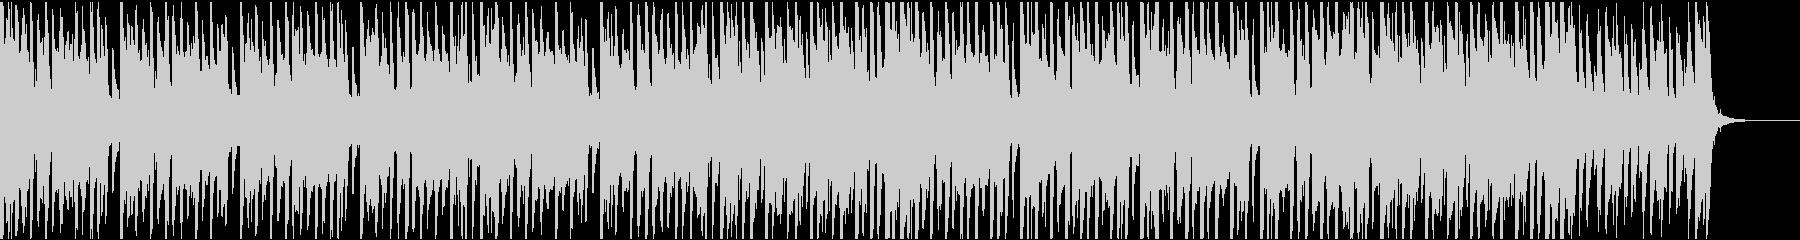 39秒でサビ、電子音ダーク/カラオケの未再生の波形